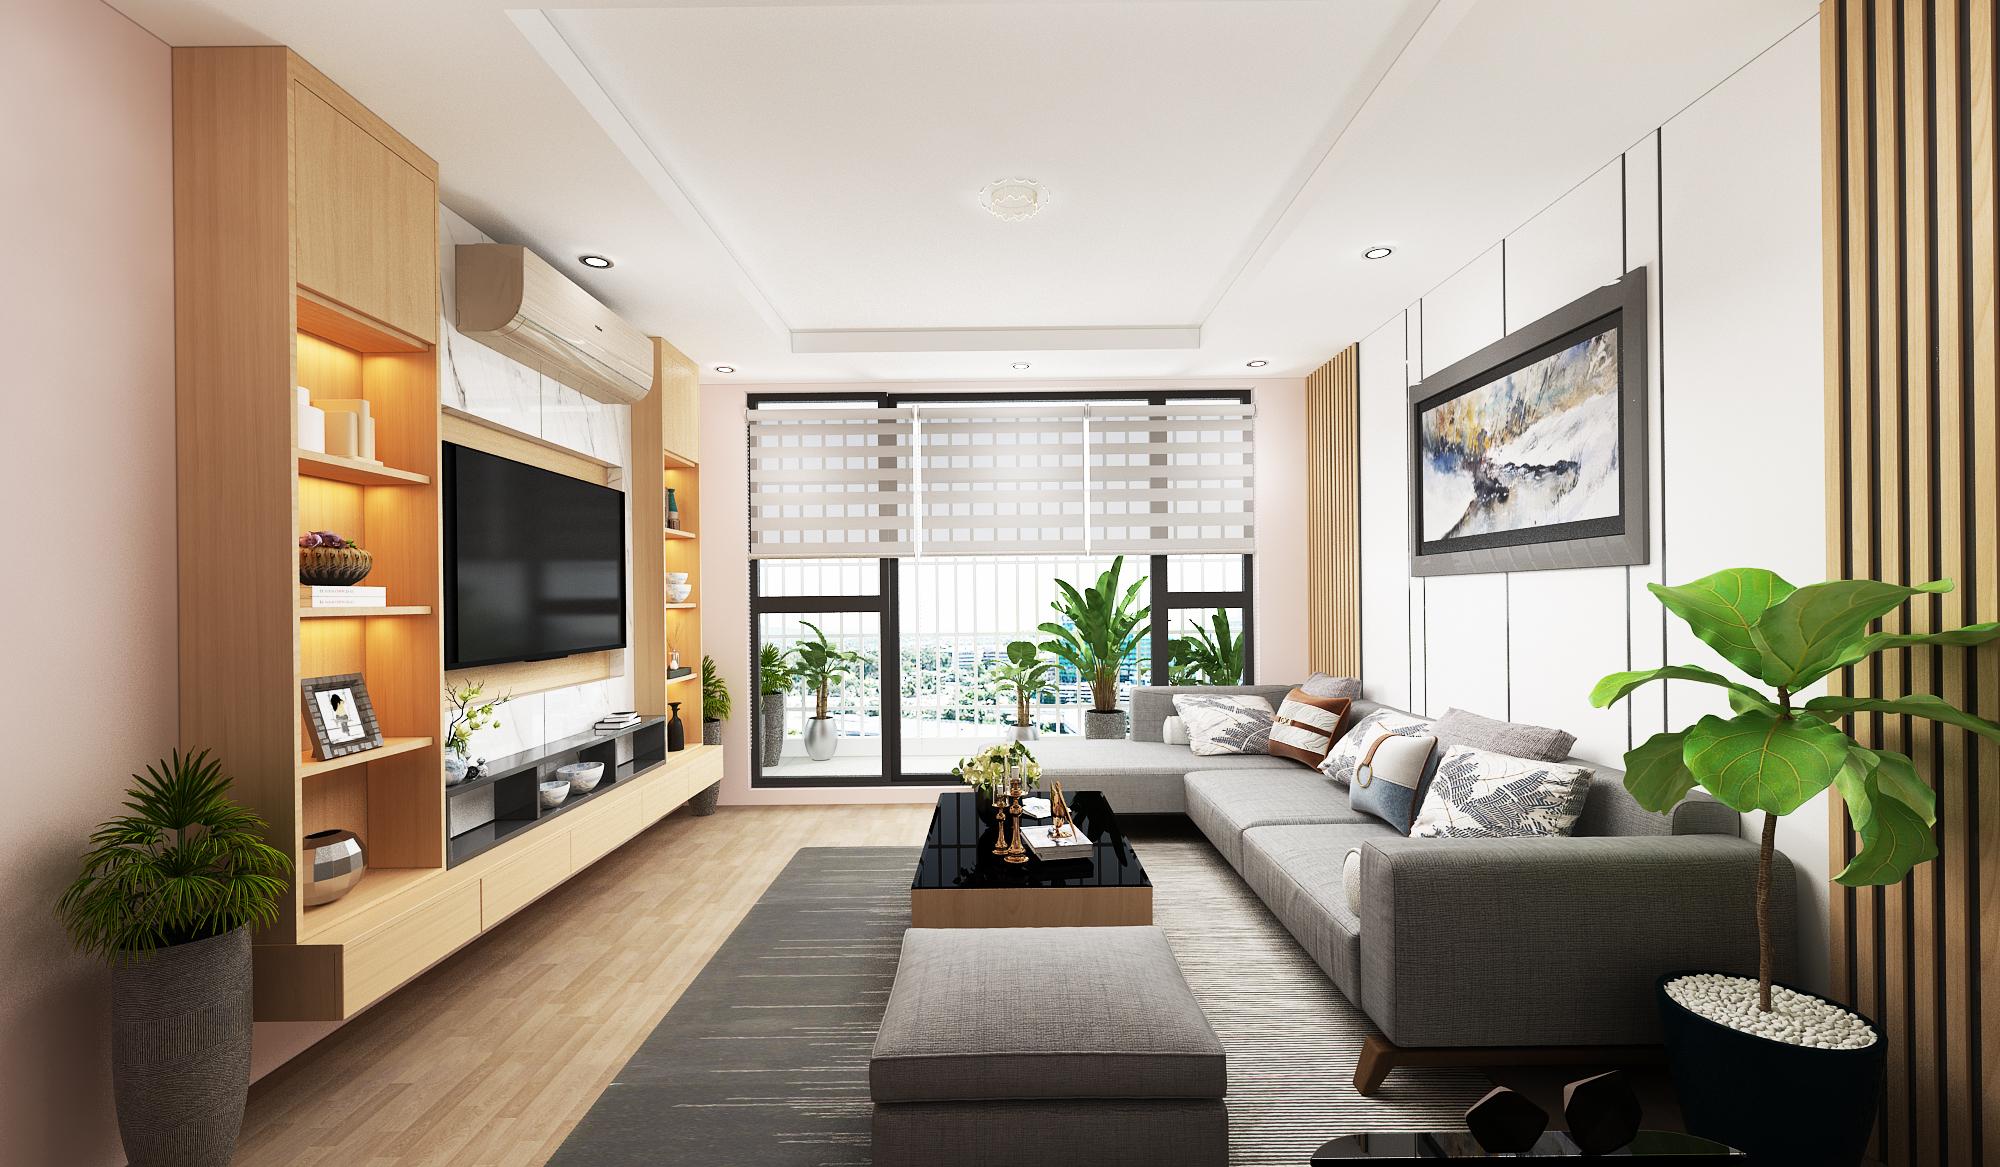 Thiết kế nội thất giá bao nhiêu